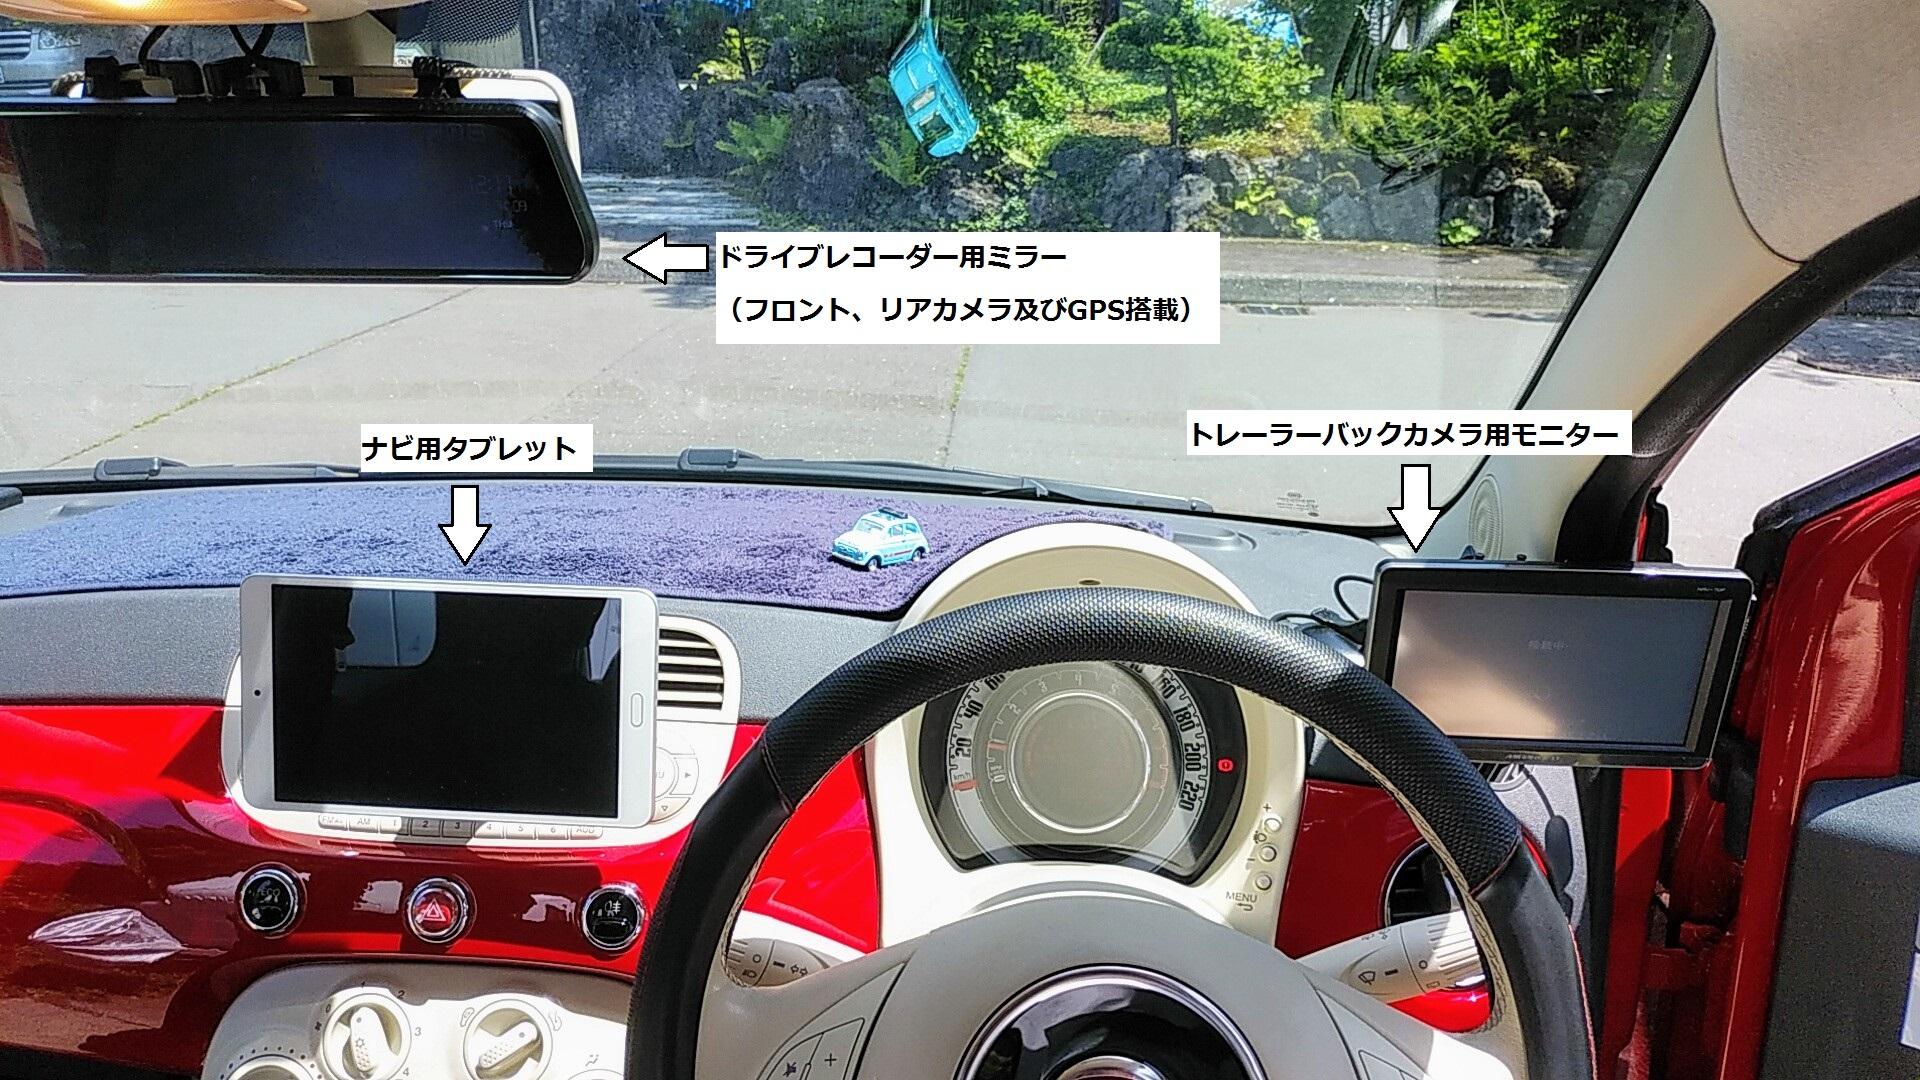 (9)内観(運転補助装備①ドライブレコーダーミラー  ②ナビ用タブレット  ③トレーラーバックカメラ用モニター